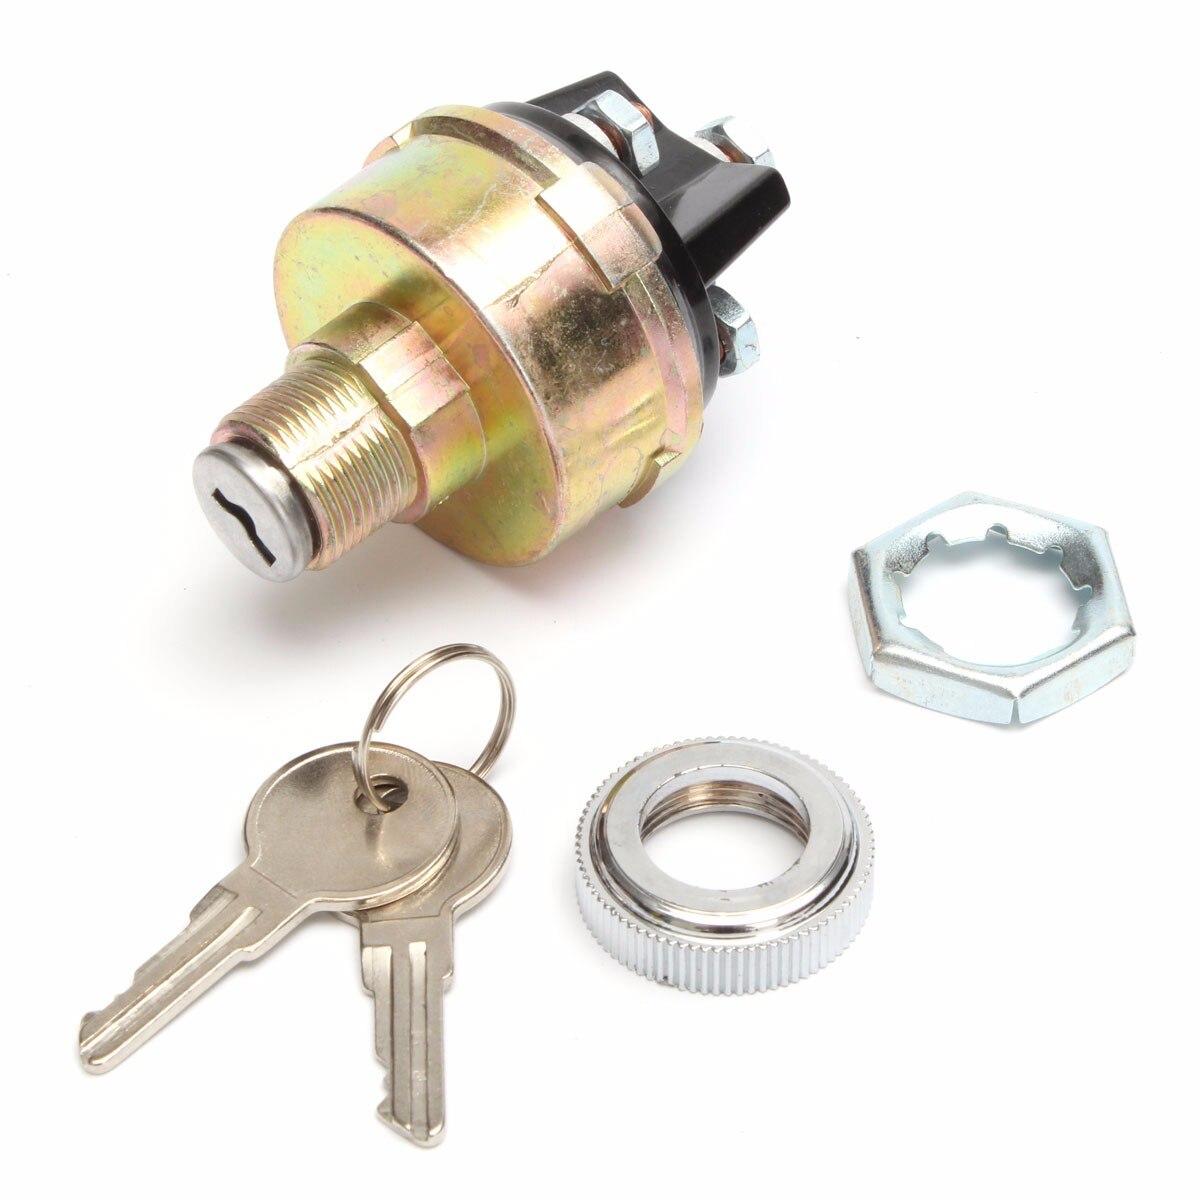 Neue Zündung Zylinder Schalter Schloss und 2 Tasten für Jeep CJ3 CJ5 CJ5A DJ5 CJ6 DJ6 CJ6A KS6180 US14 UN148 CS7UL3 S11